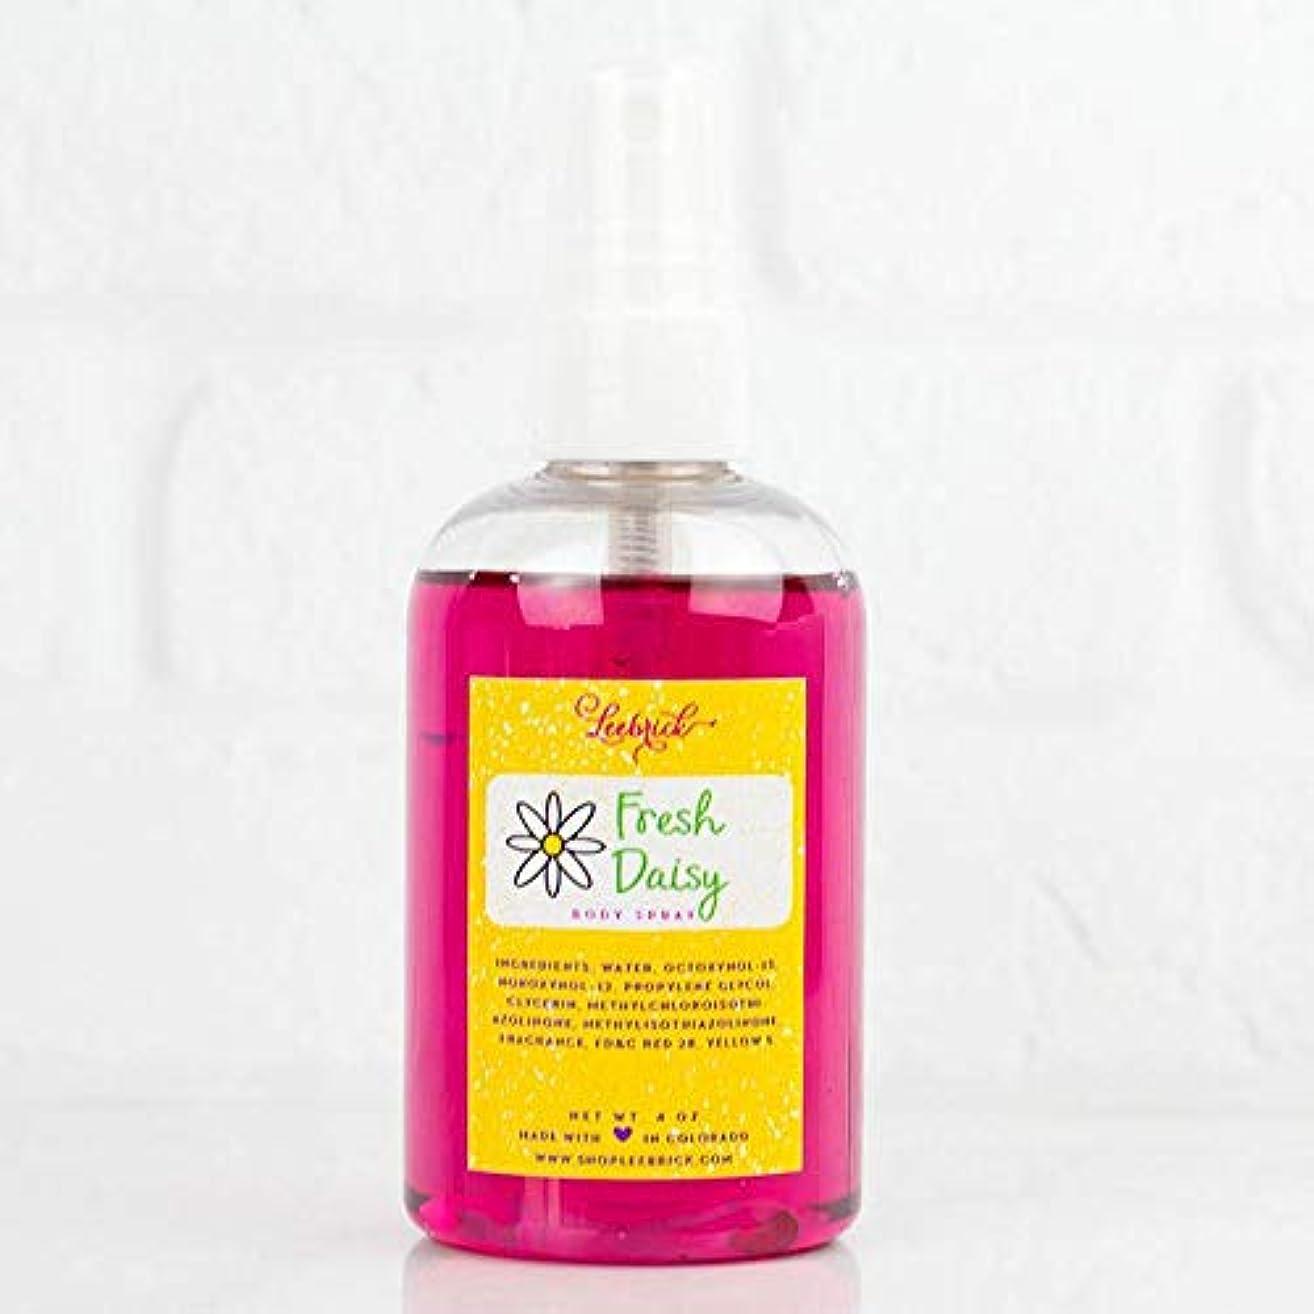 Fresh Daisy Floral Fragrance Moisturizing Body Spray Mist Oil - 4 oz